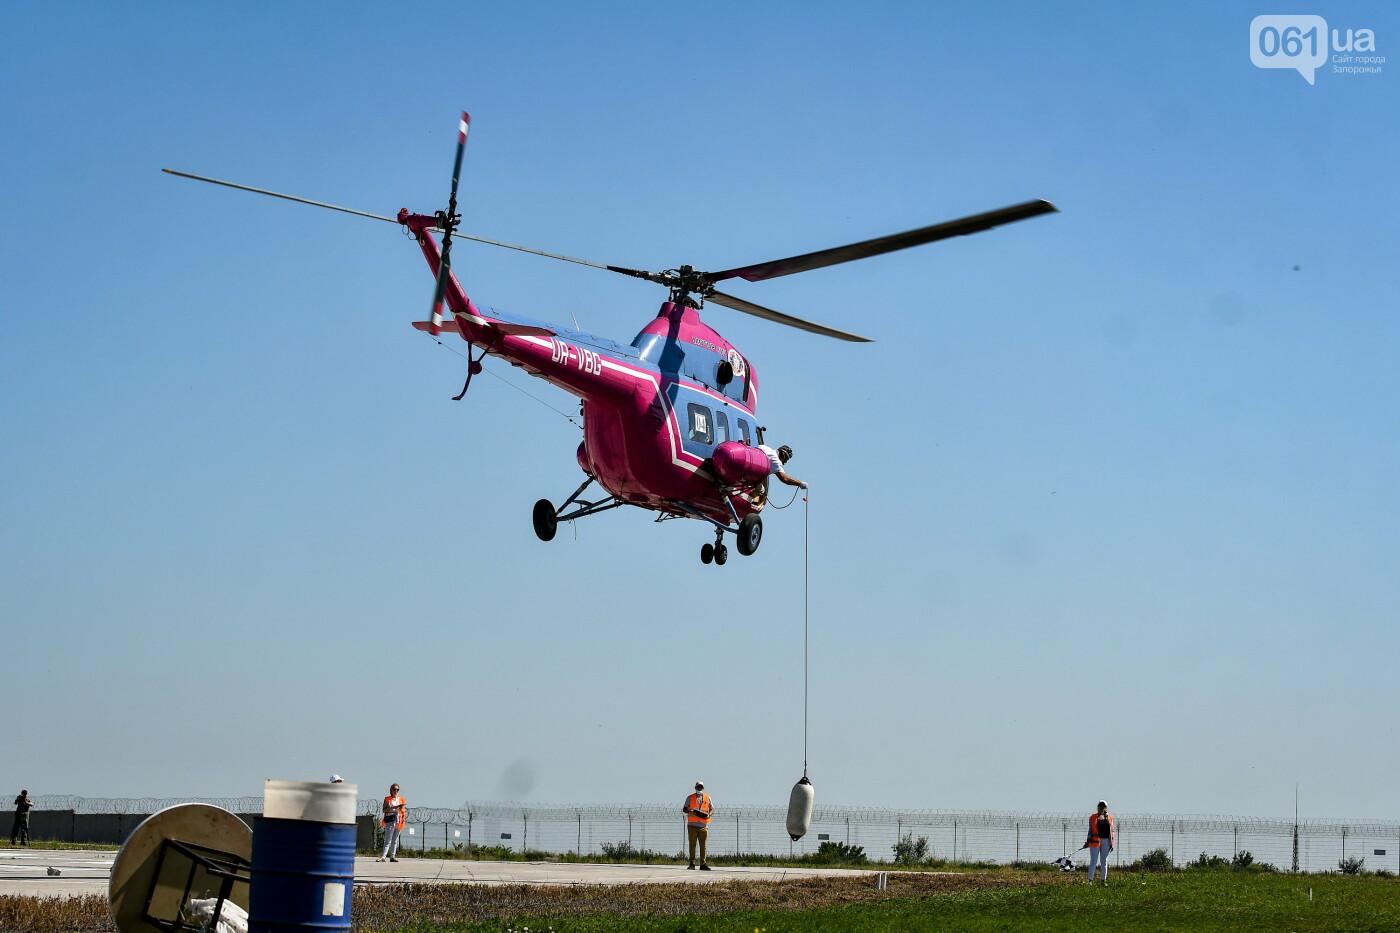 В Запорожье проходят соревнования по вертолетному спорту, - ФОТОРЕПОРТАЖ, фото-10